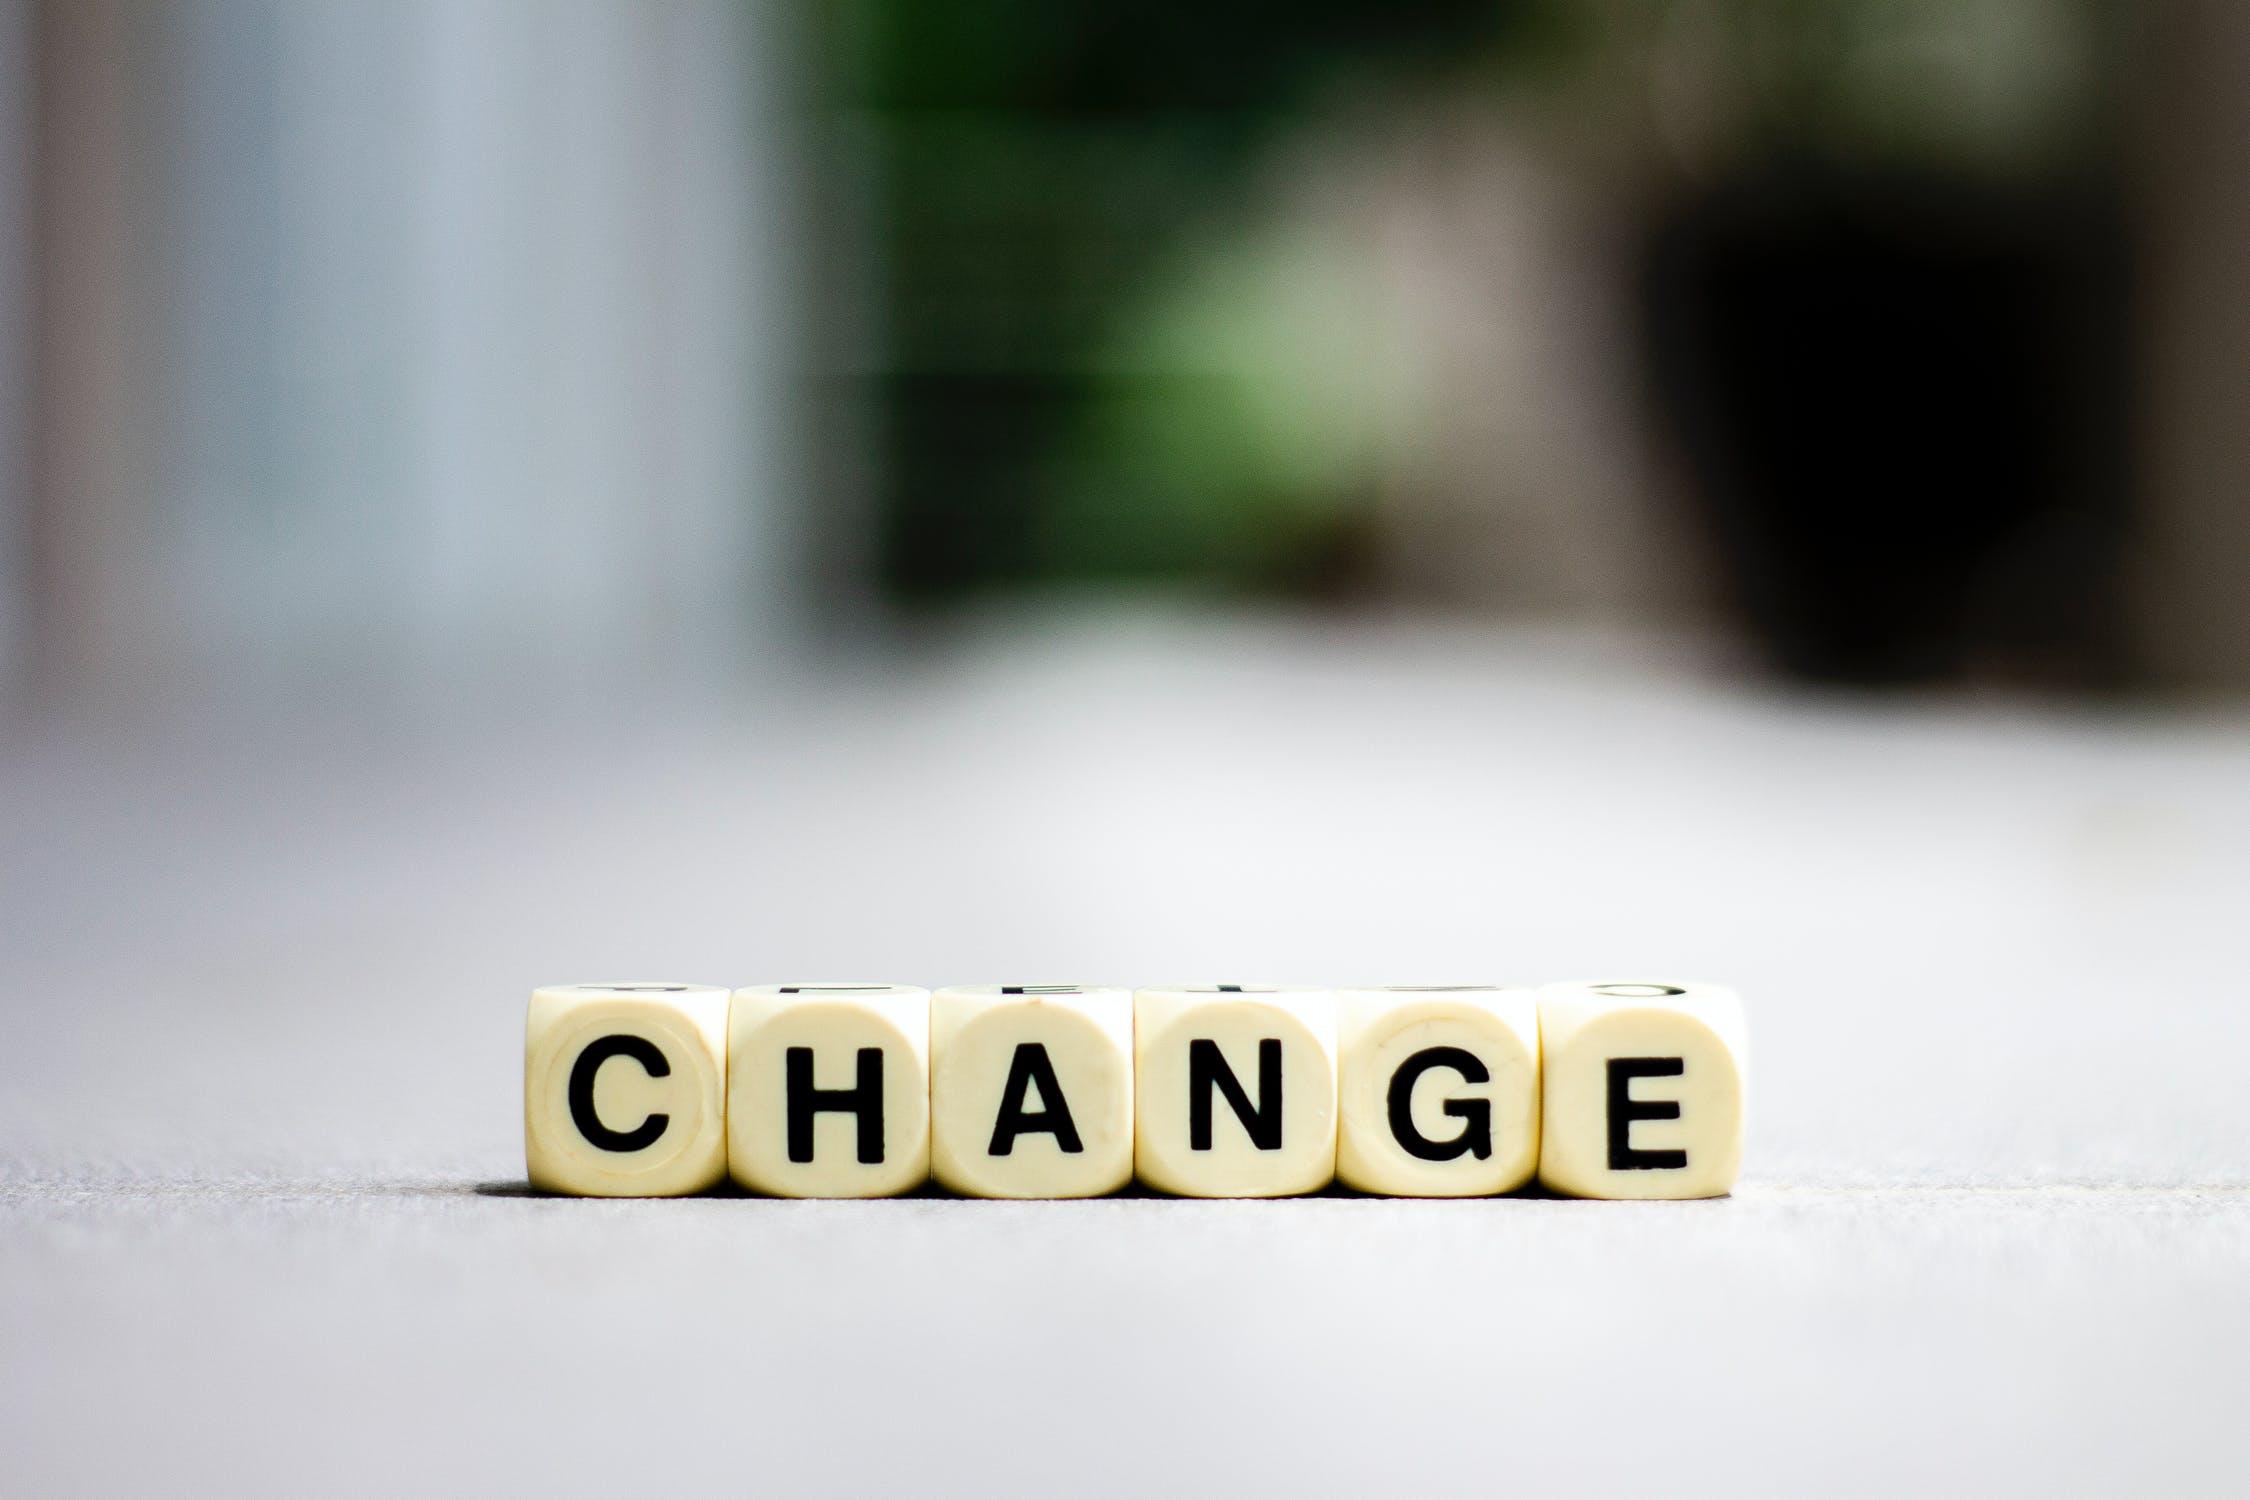 """Das Bild zeigt Buchstabenwürfel, die das Wort """"CHANGE"""" bilden."""